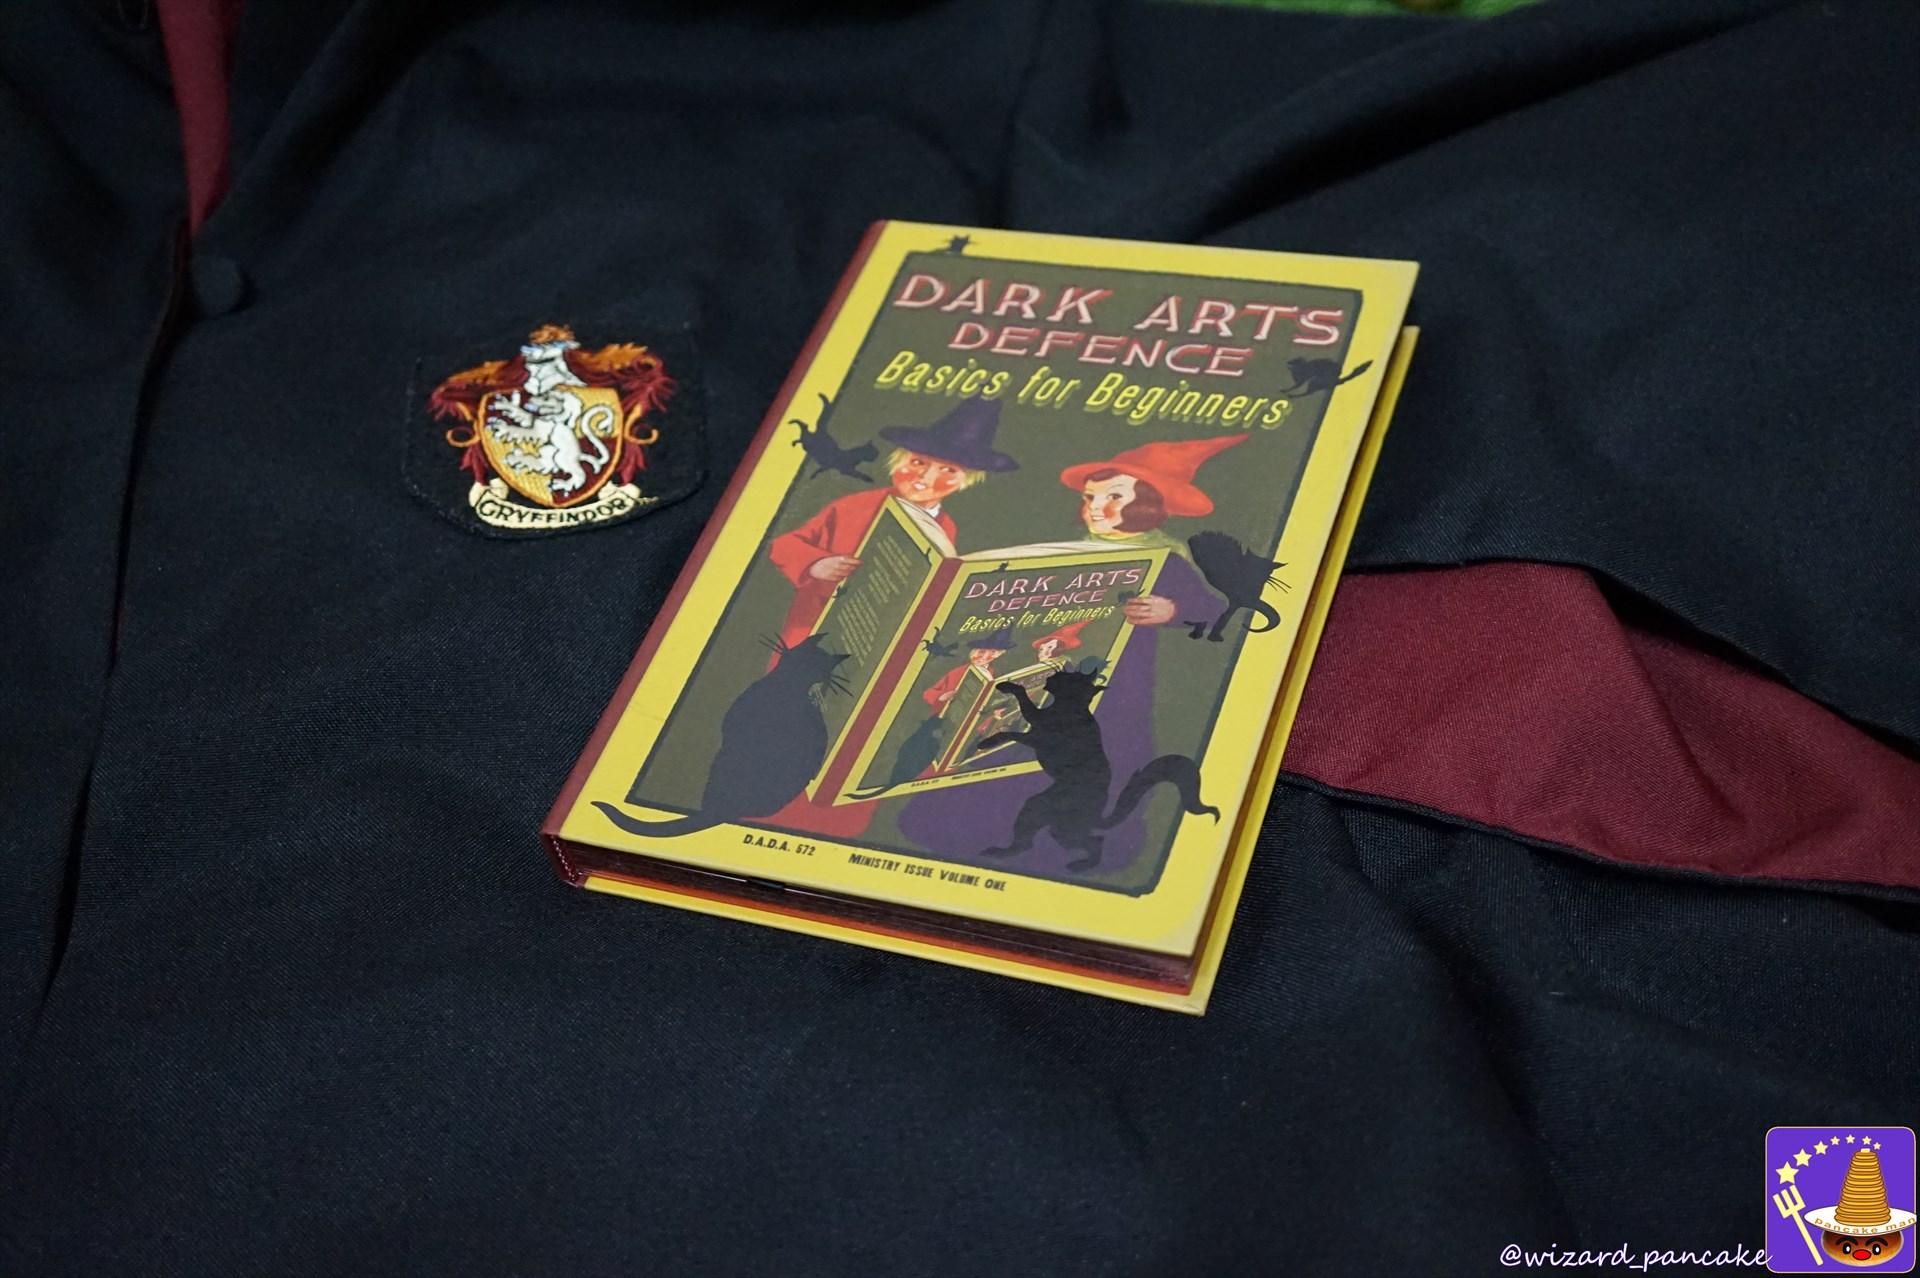 ミナリマ(minalima)のホグワーツ教科書(ノート)D.A.D.A.『闇の魔術に対する防衛術』紹介と解説